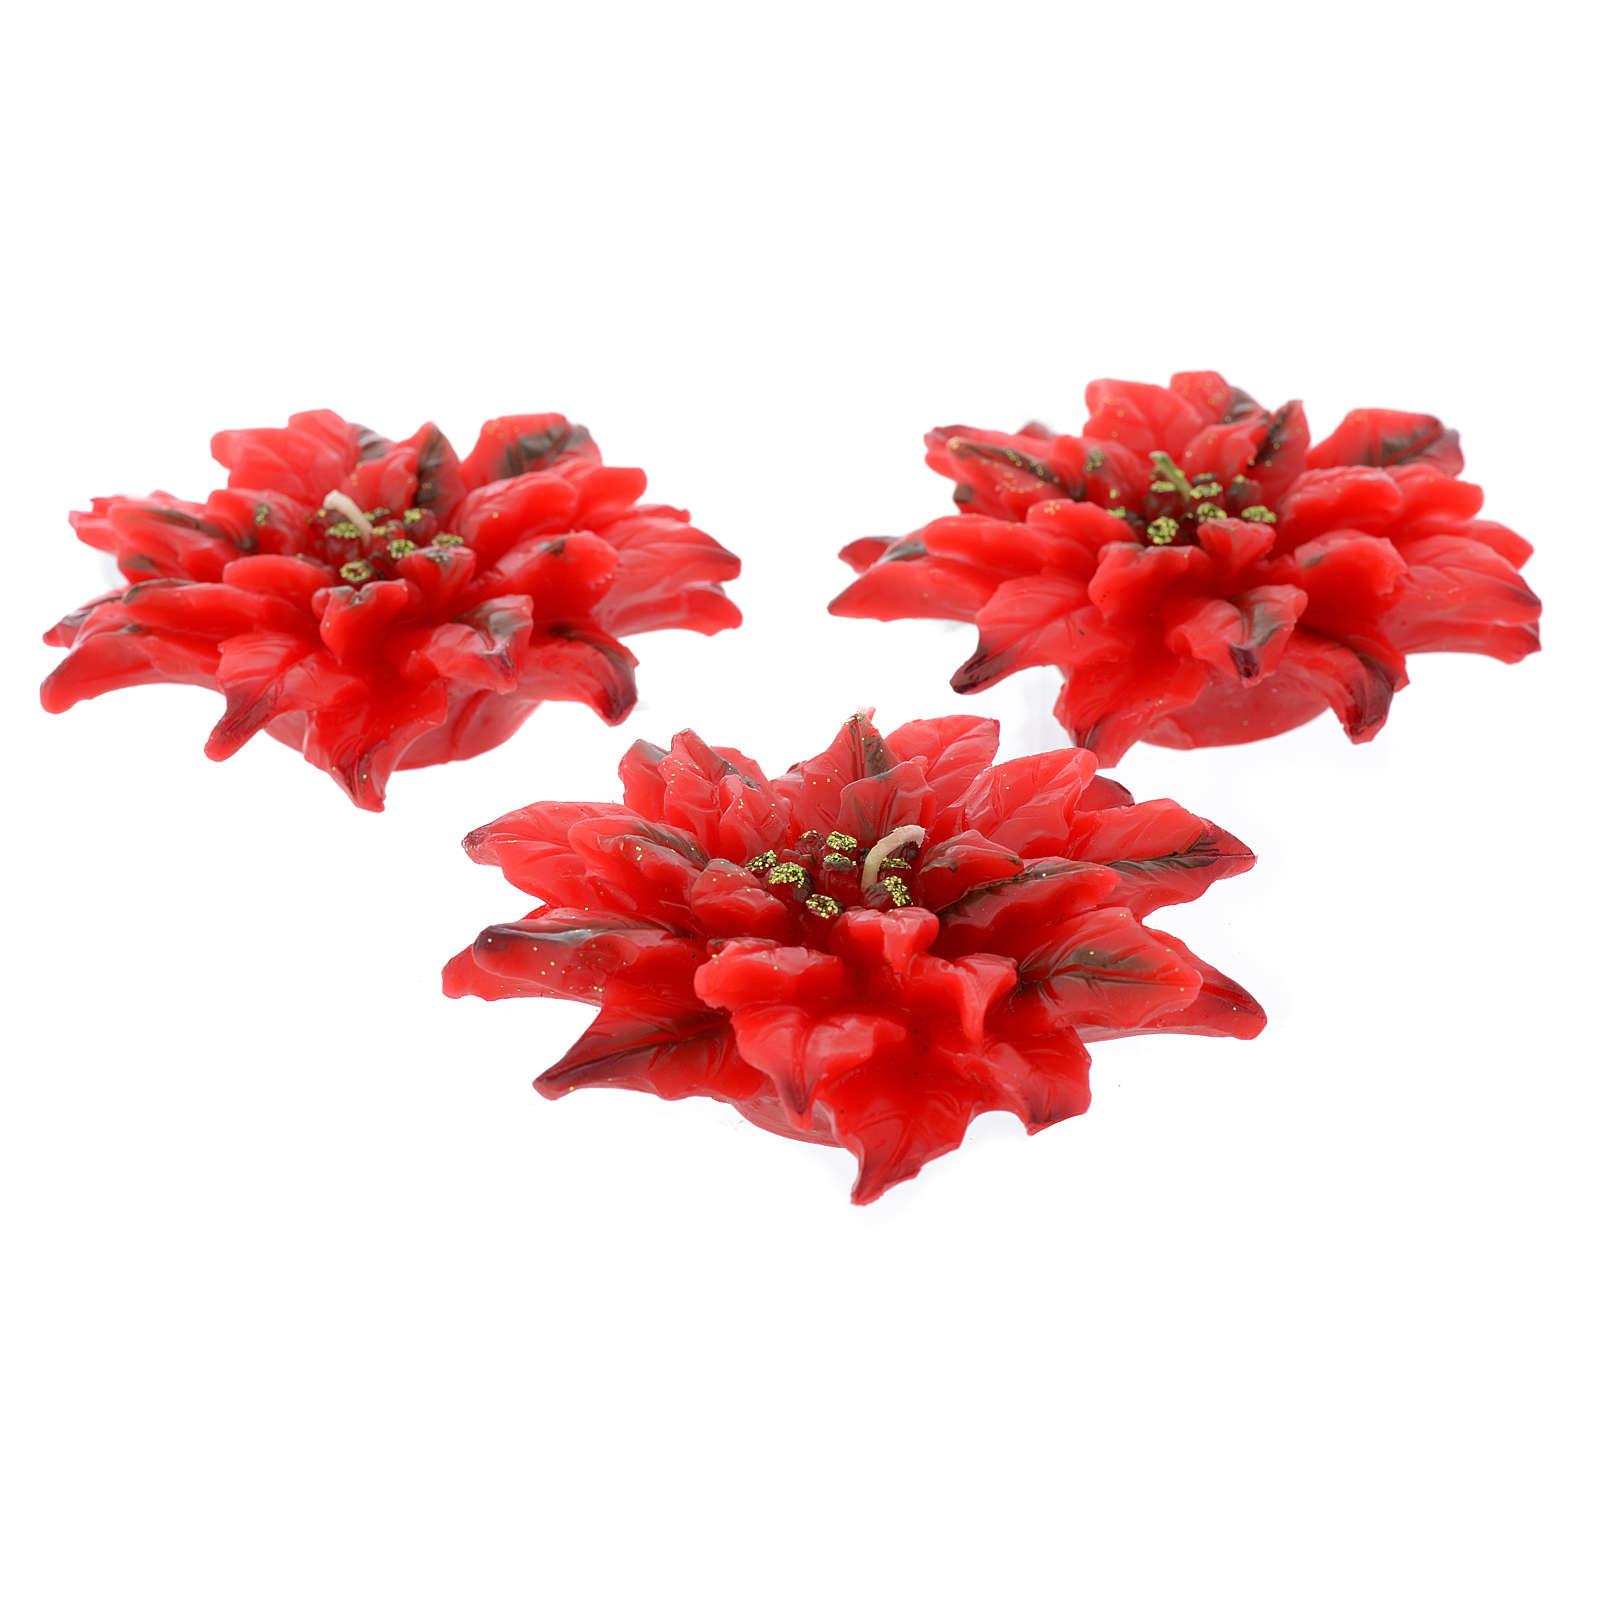 Vela navideña flor de Navidad roja, juego de 3 piezas 3